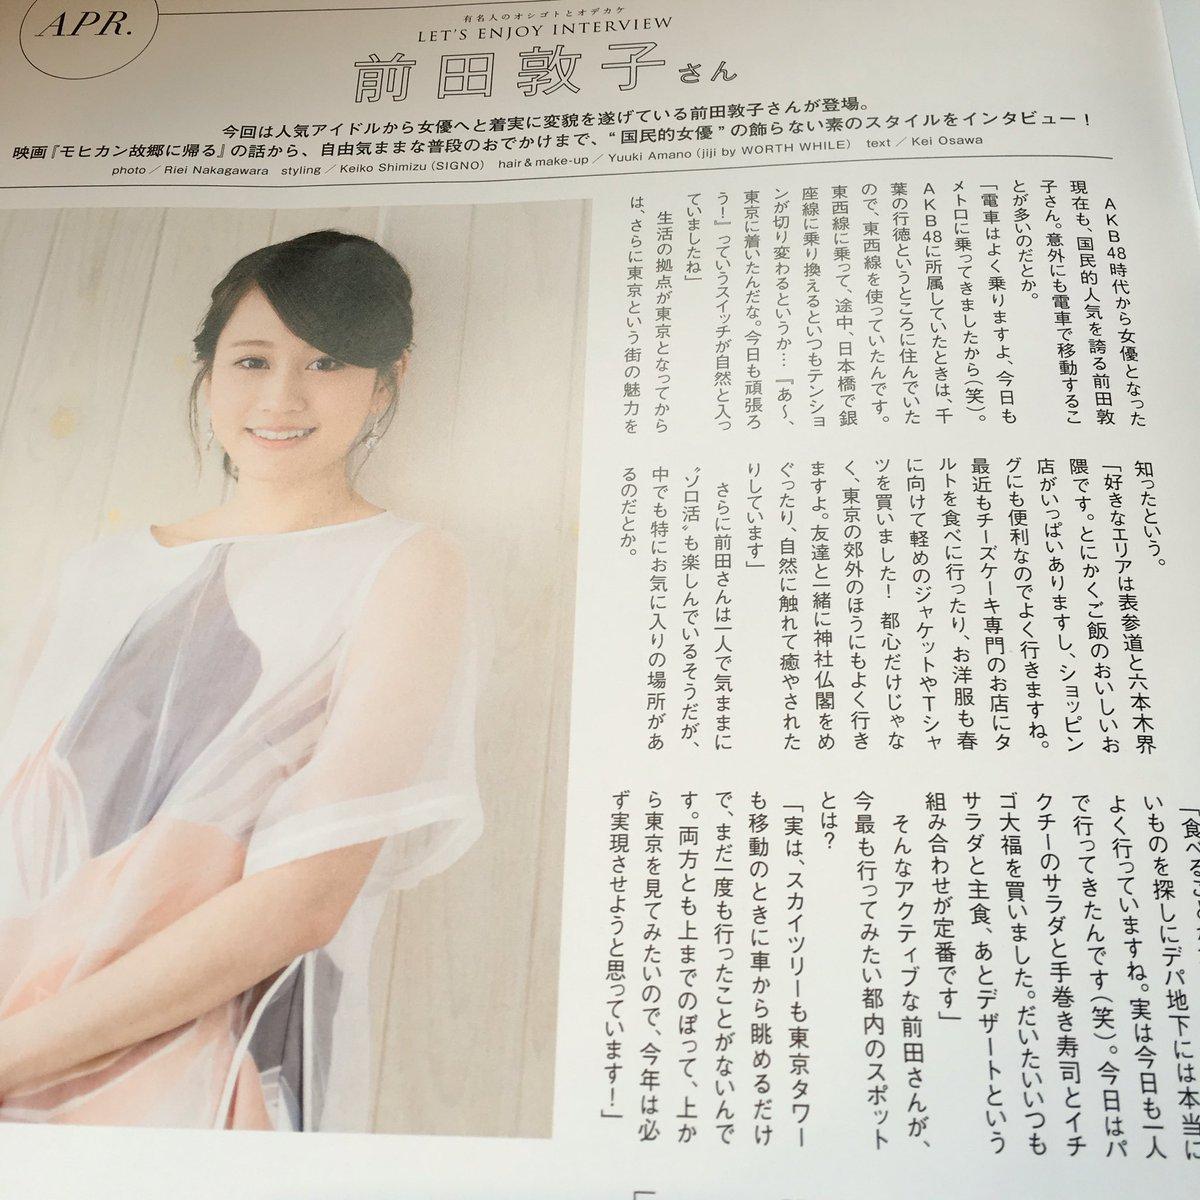 東京メトロのフリーペーパーで行徳出身を隠さずさらっと言っちゃう前田敦子さん。前から全然隠してないけど。 #行徳 https://t.co/oWDqHmTXm9